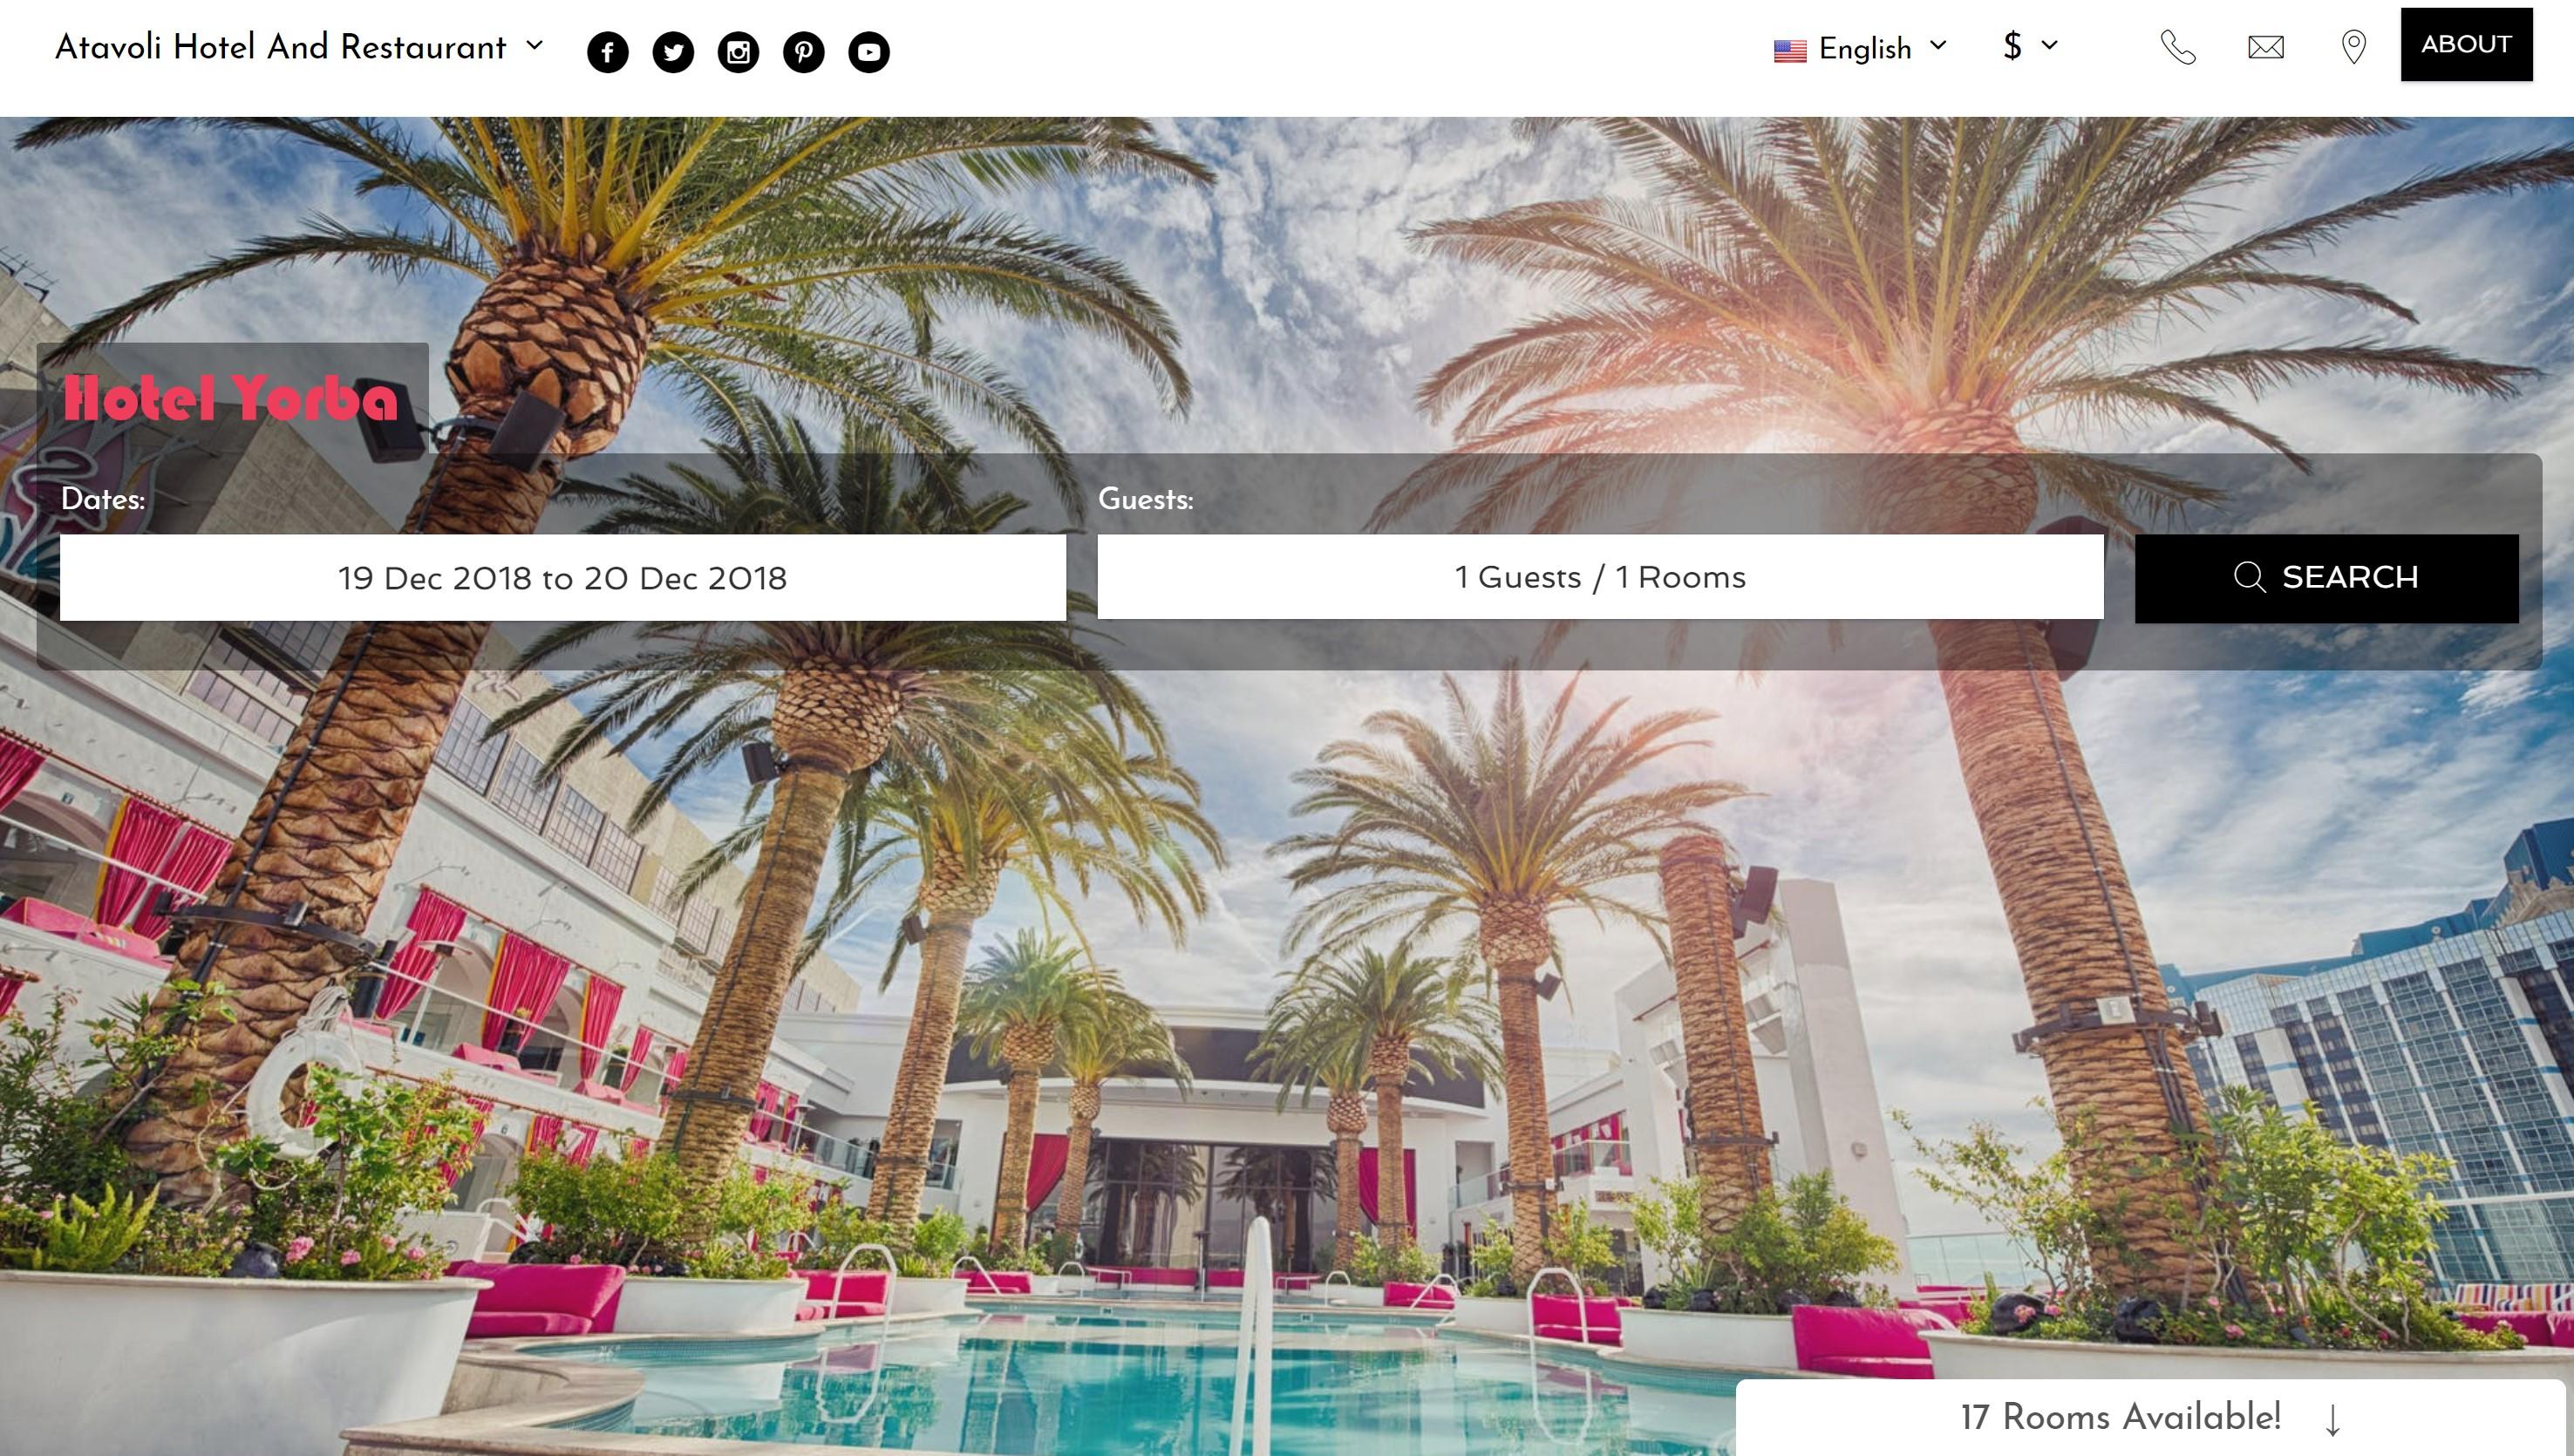 Your hotel management platform